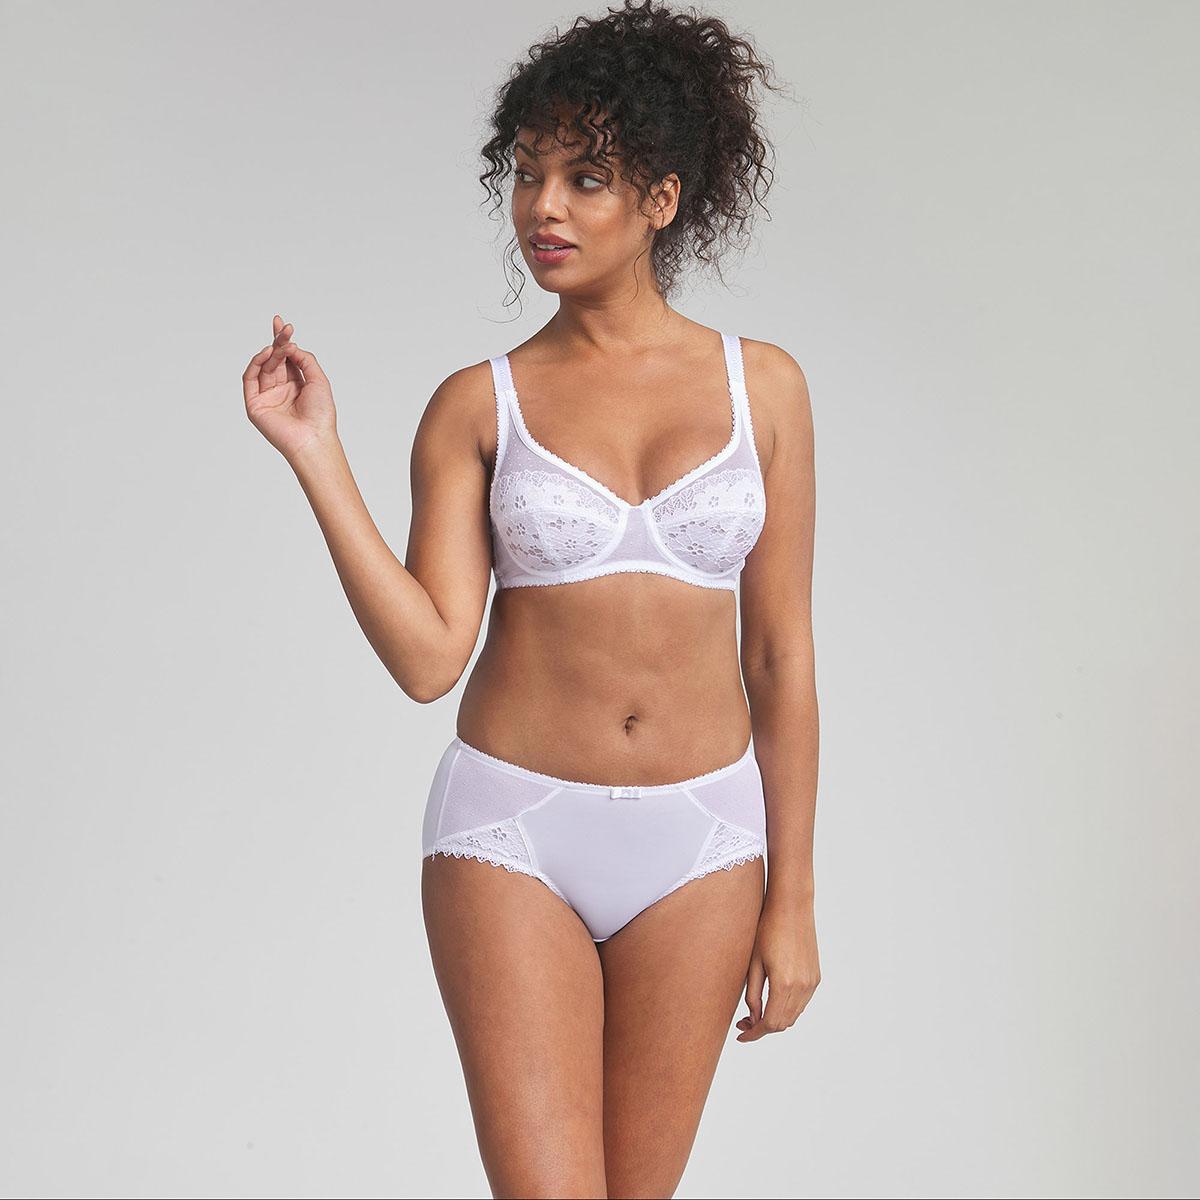 Soutien-gorge emboîtant blanc  – Cœur Croisé Dentelle, , PLAYTEX